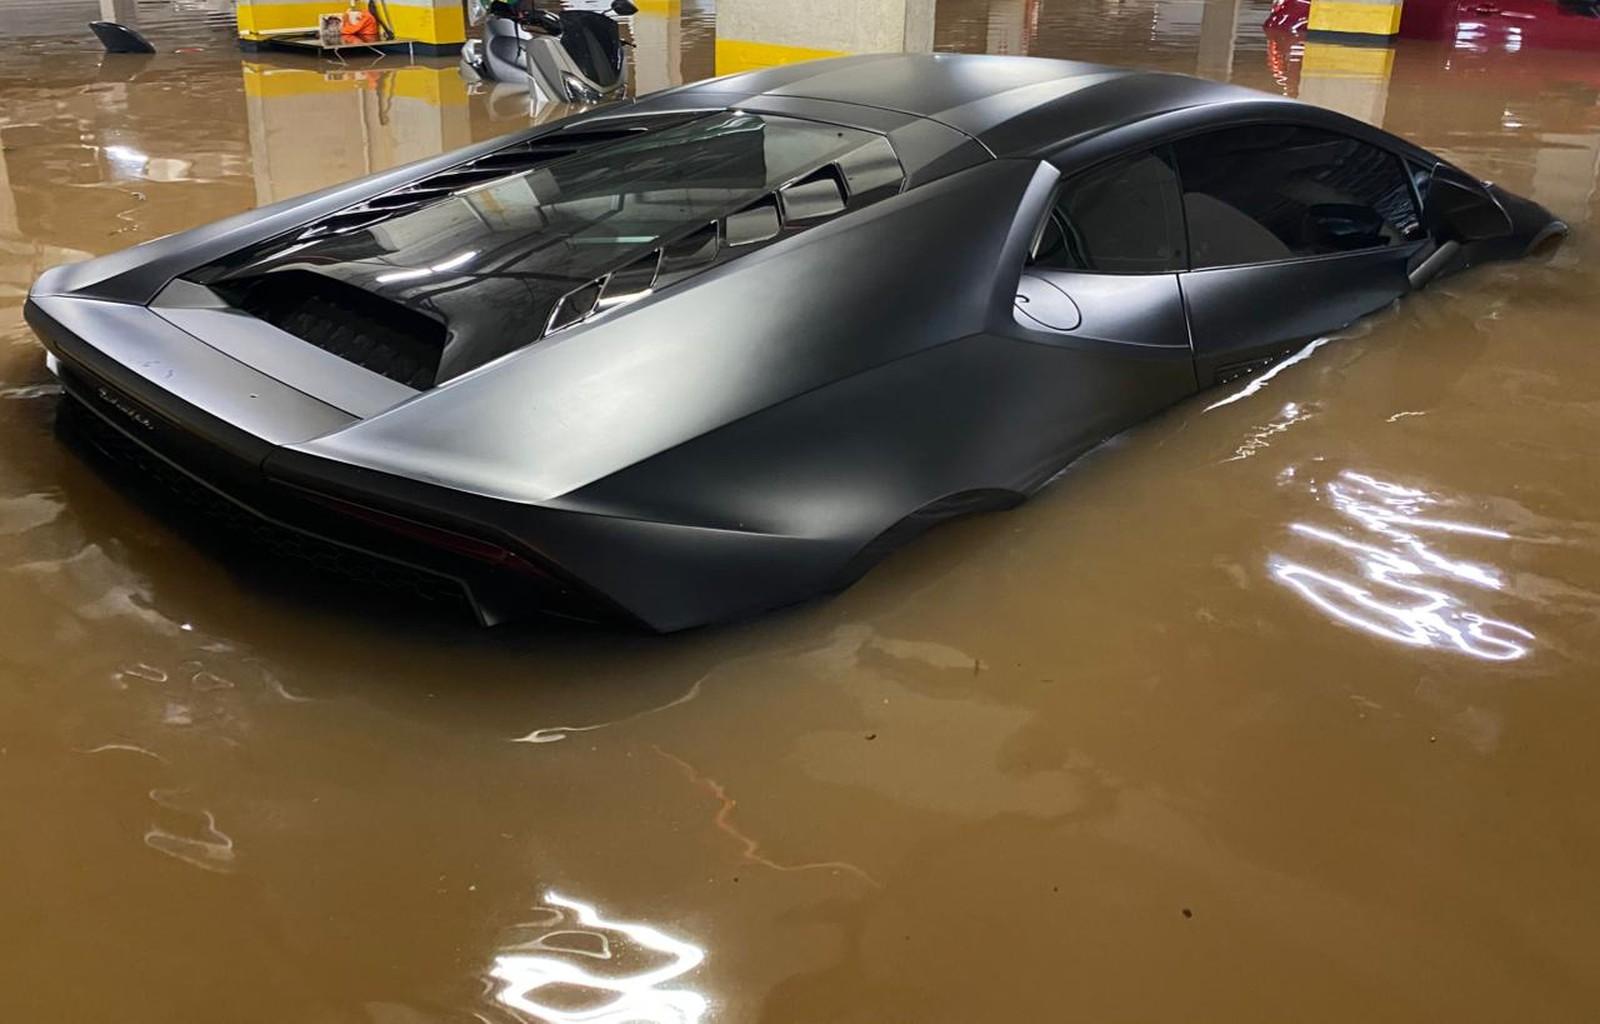 Lamborghini Huracán avaliada em R$ 1,6 milhão foi pega por alagamento em São Paulo — Foto: Fernando Santos/Arquivo Pessoal